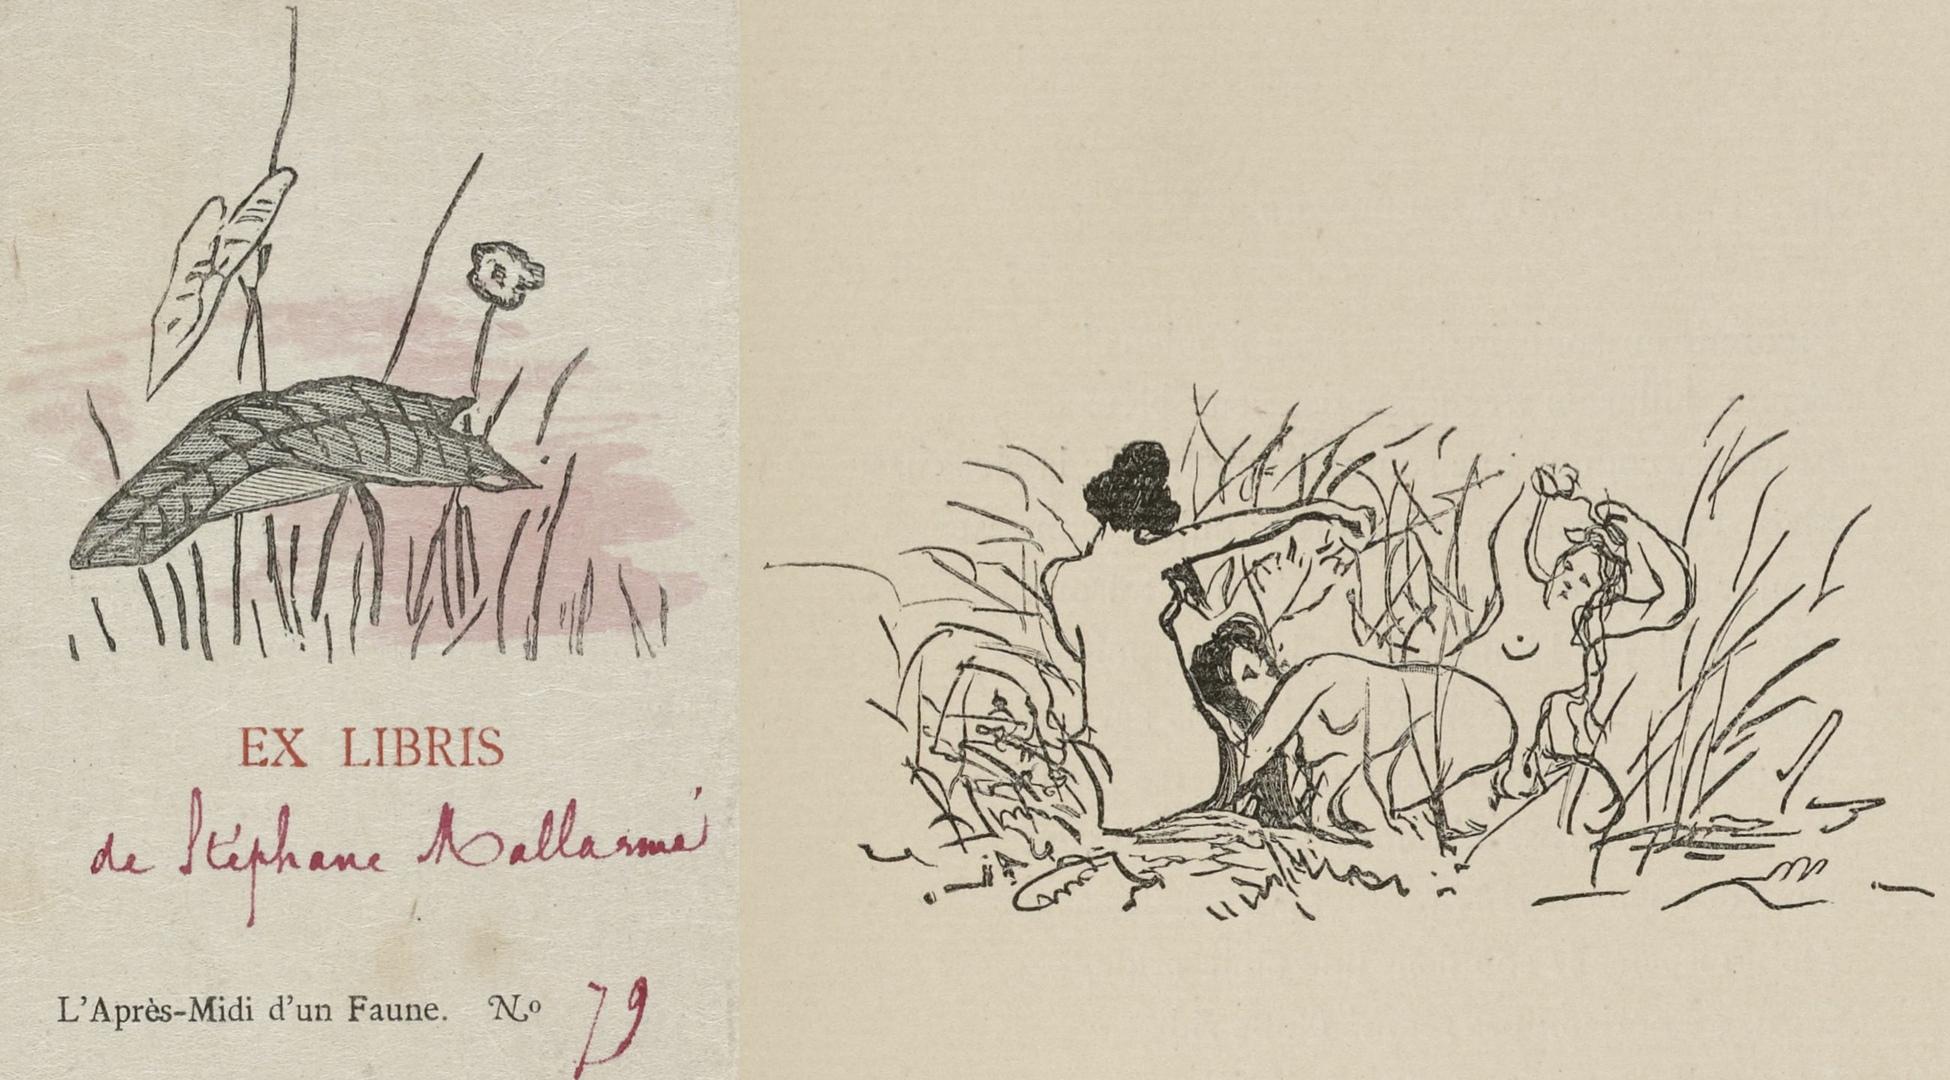 Deux dessins d'Édouard Manet publiés dans la première édition du poème de Malarmé, Cliquer sur la photo pour une vue agrandie et quelques infos